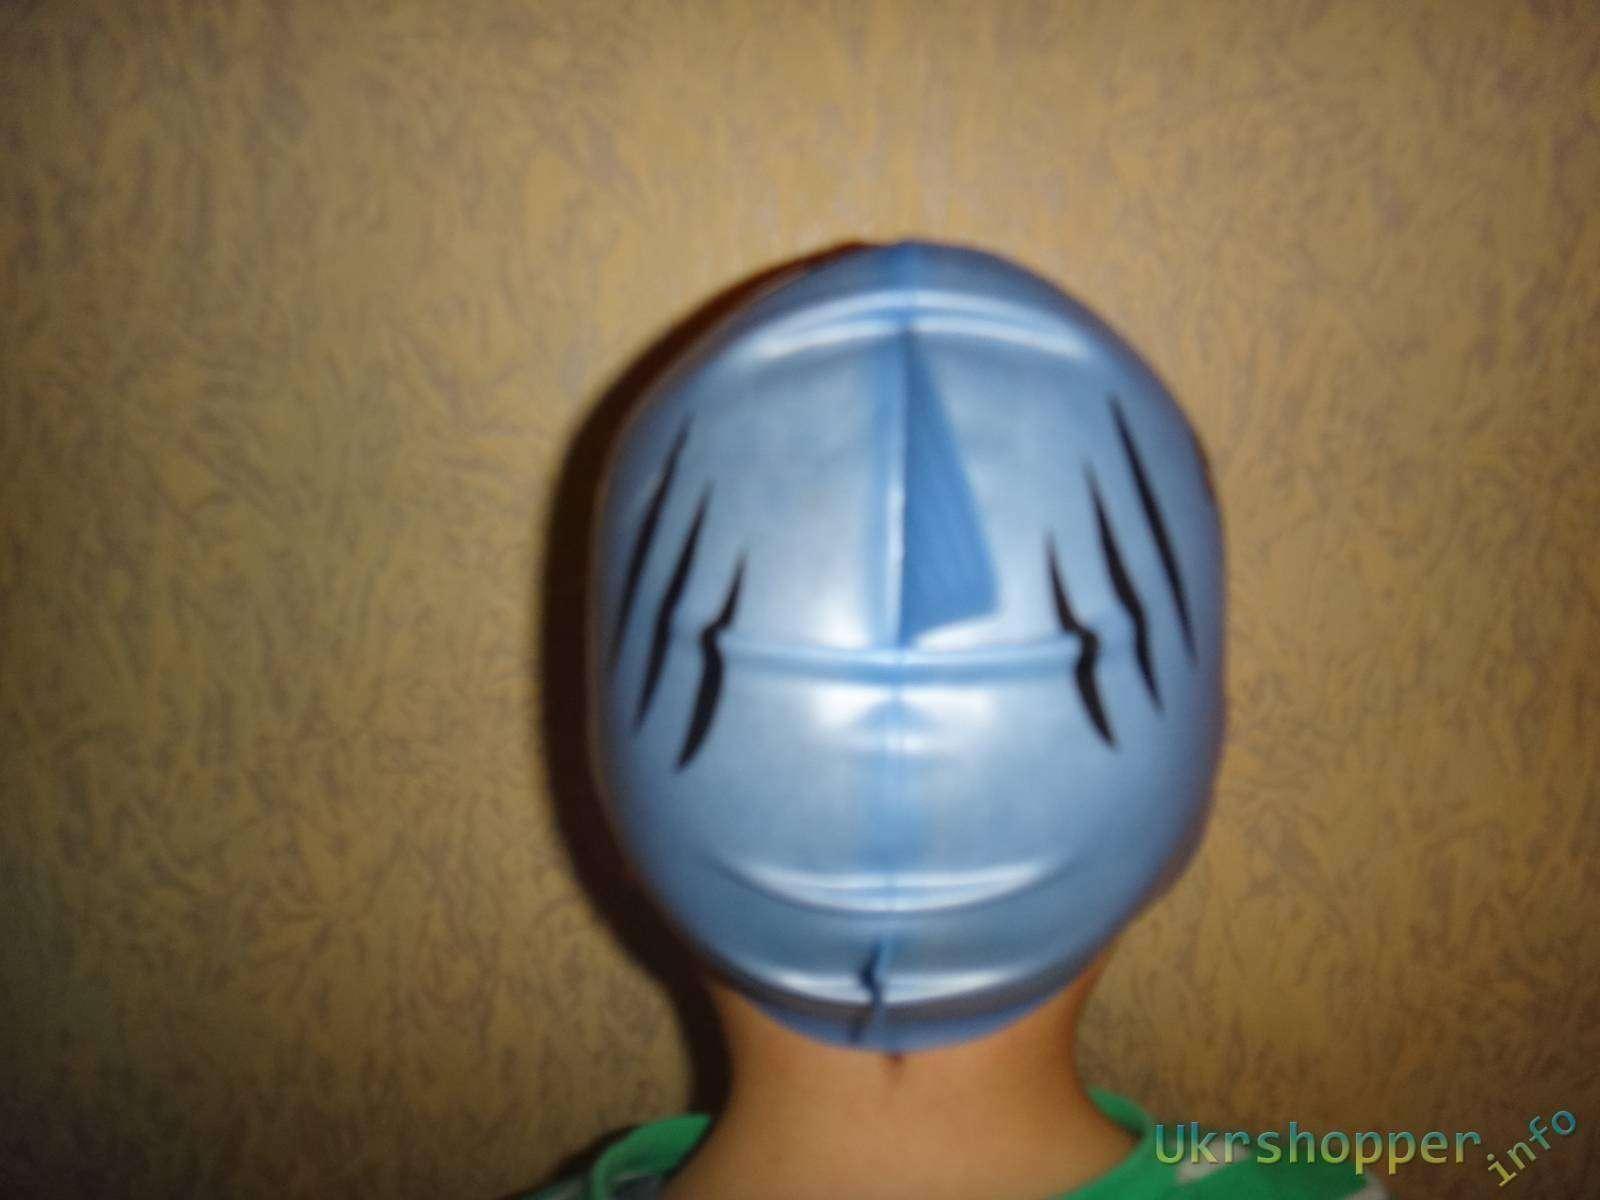 Decathlon: Обзор детской силиконовой шапочки